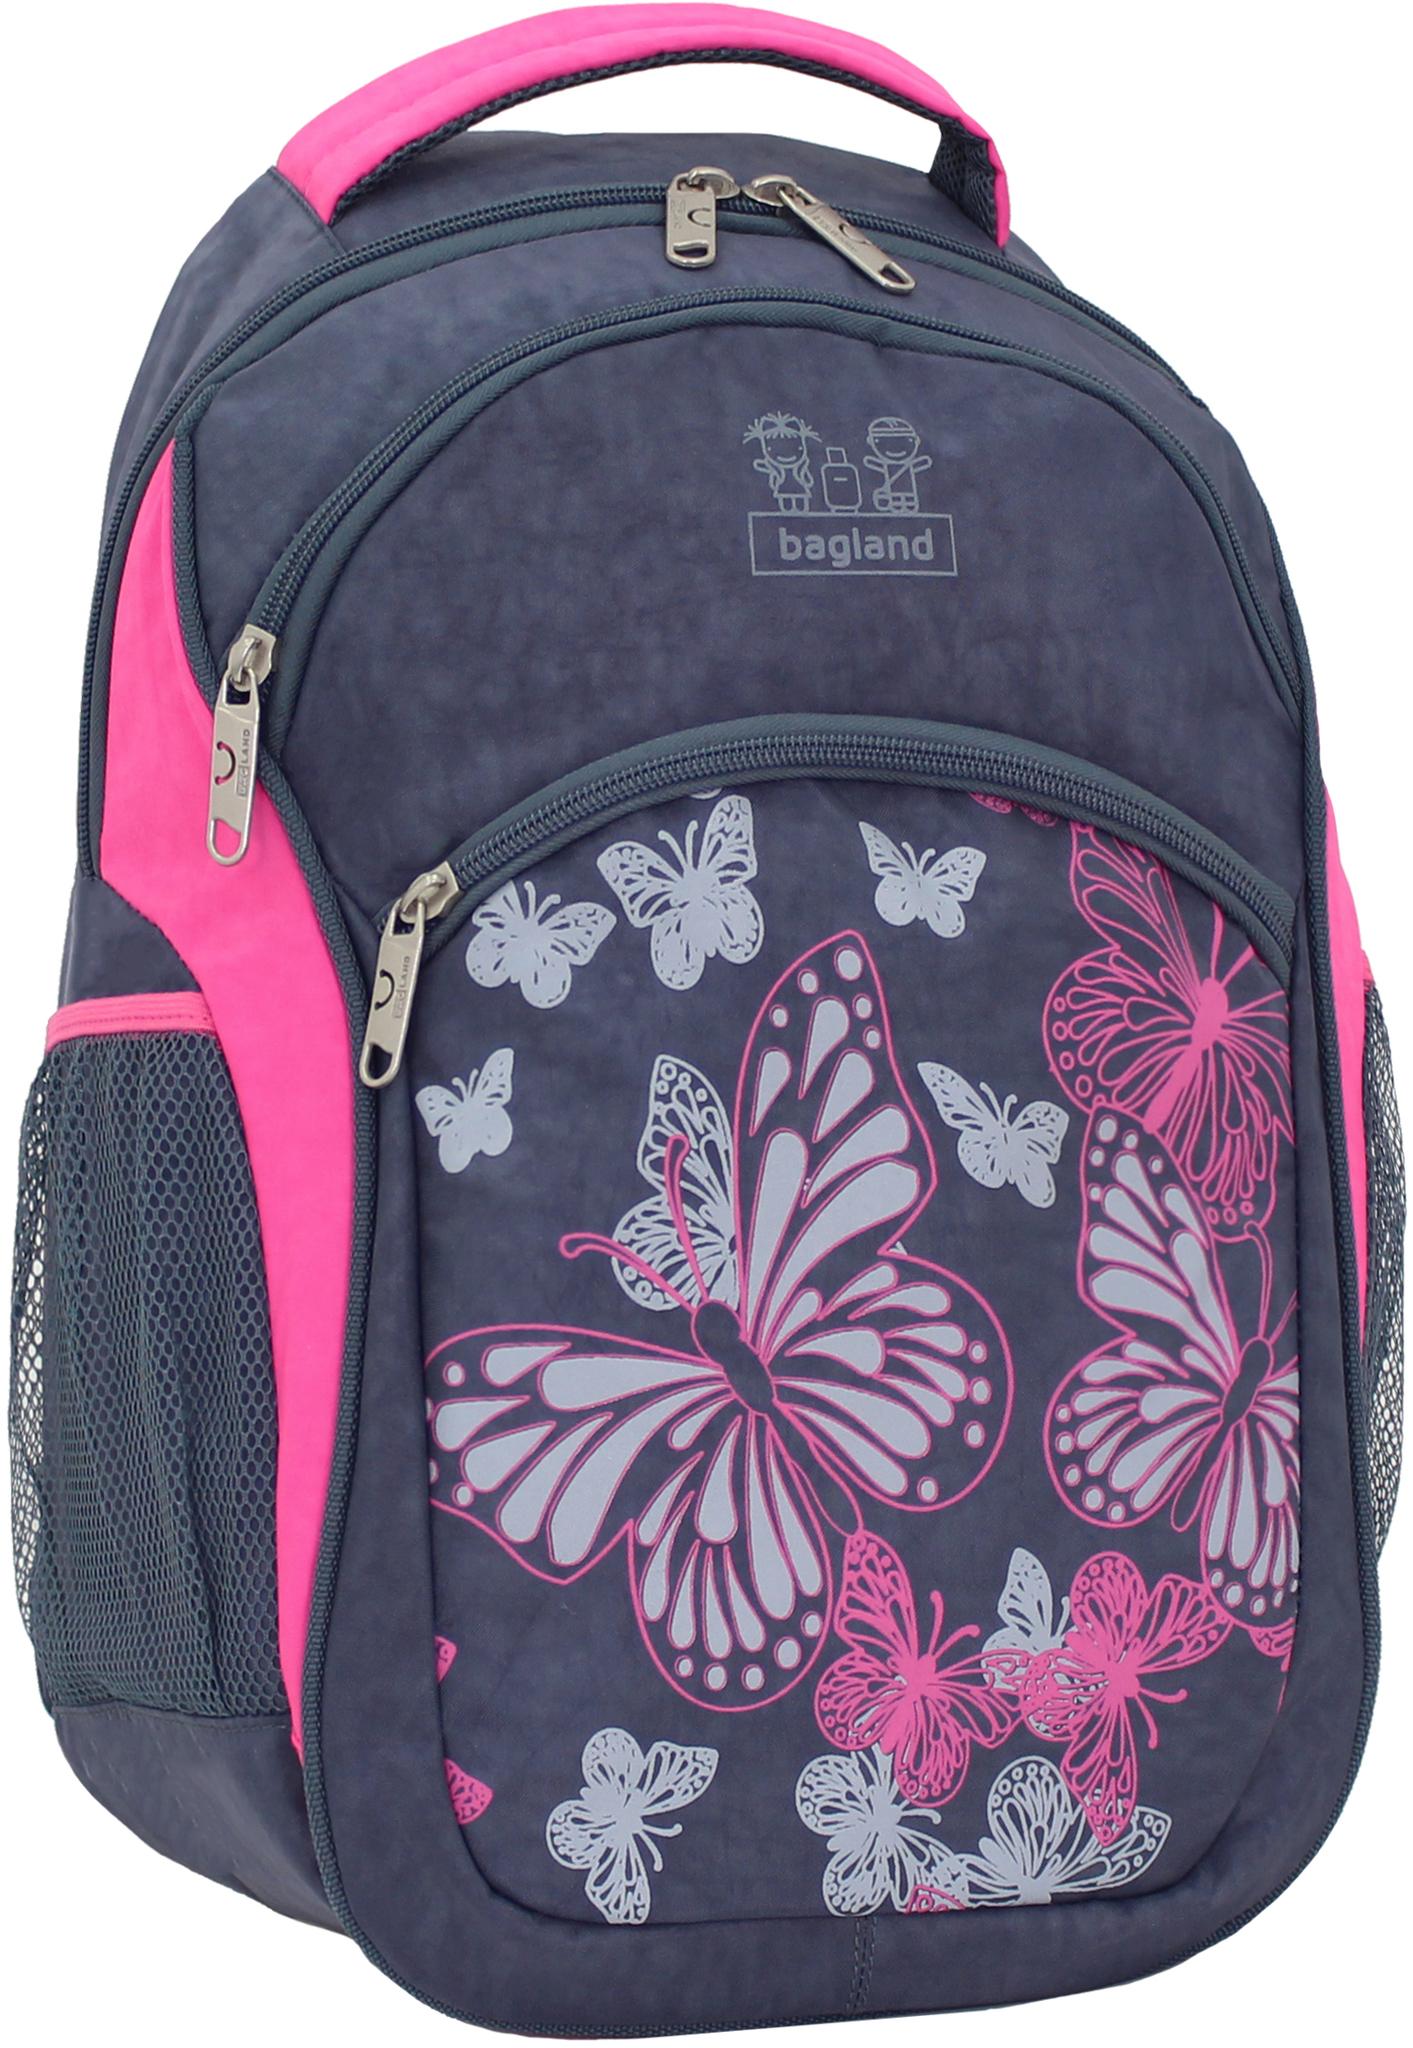 Городские рюкзаки Рюкзак Bagland Лик 21 л. Серый/розовый (0055770) IMG_1249.JPG